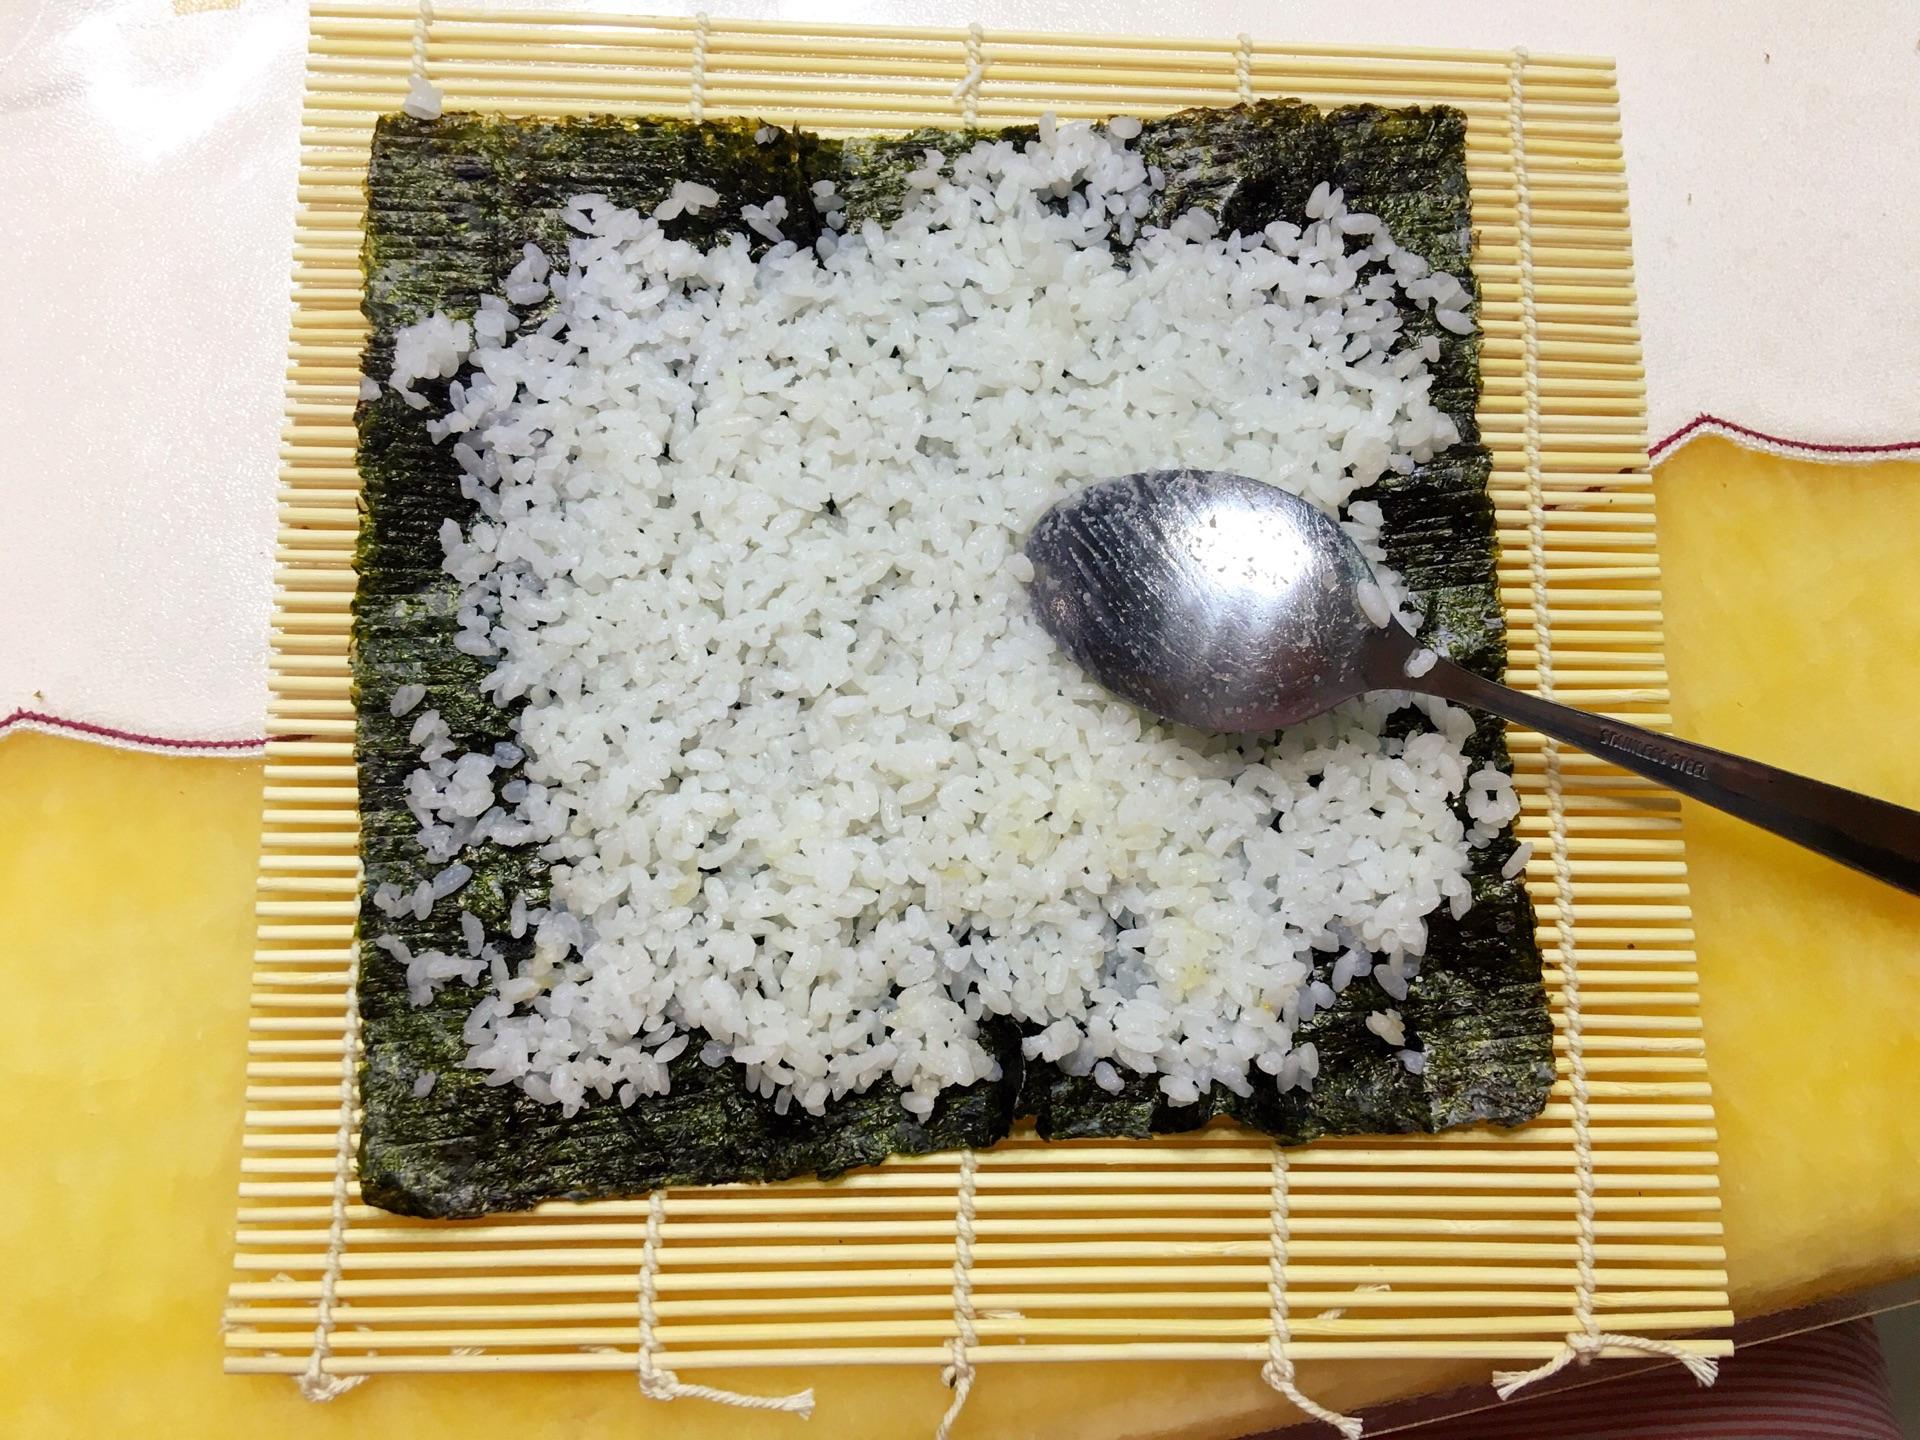 宝宝寿司的做法_【图解】宝宝寿司怎么做如何做好吃